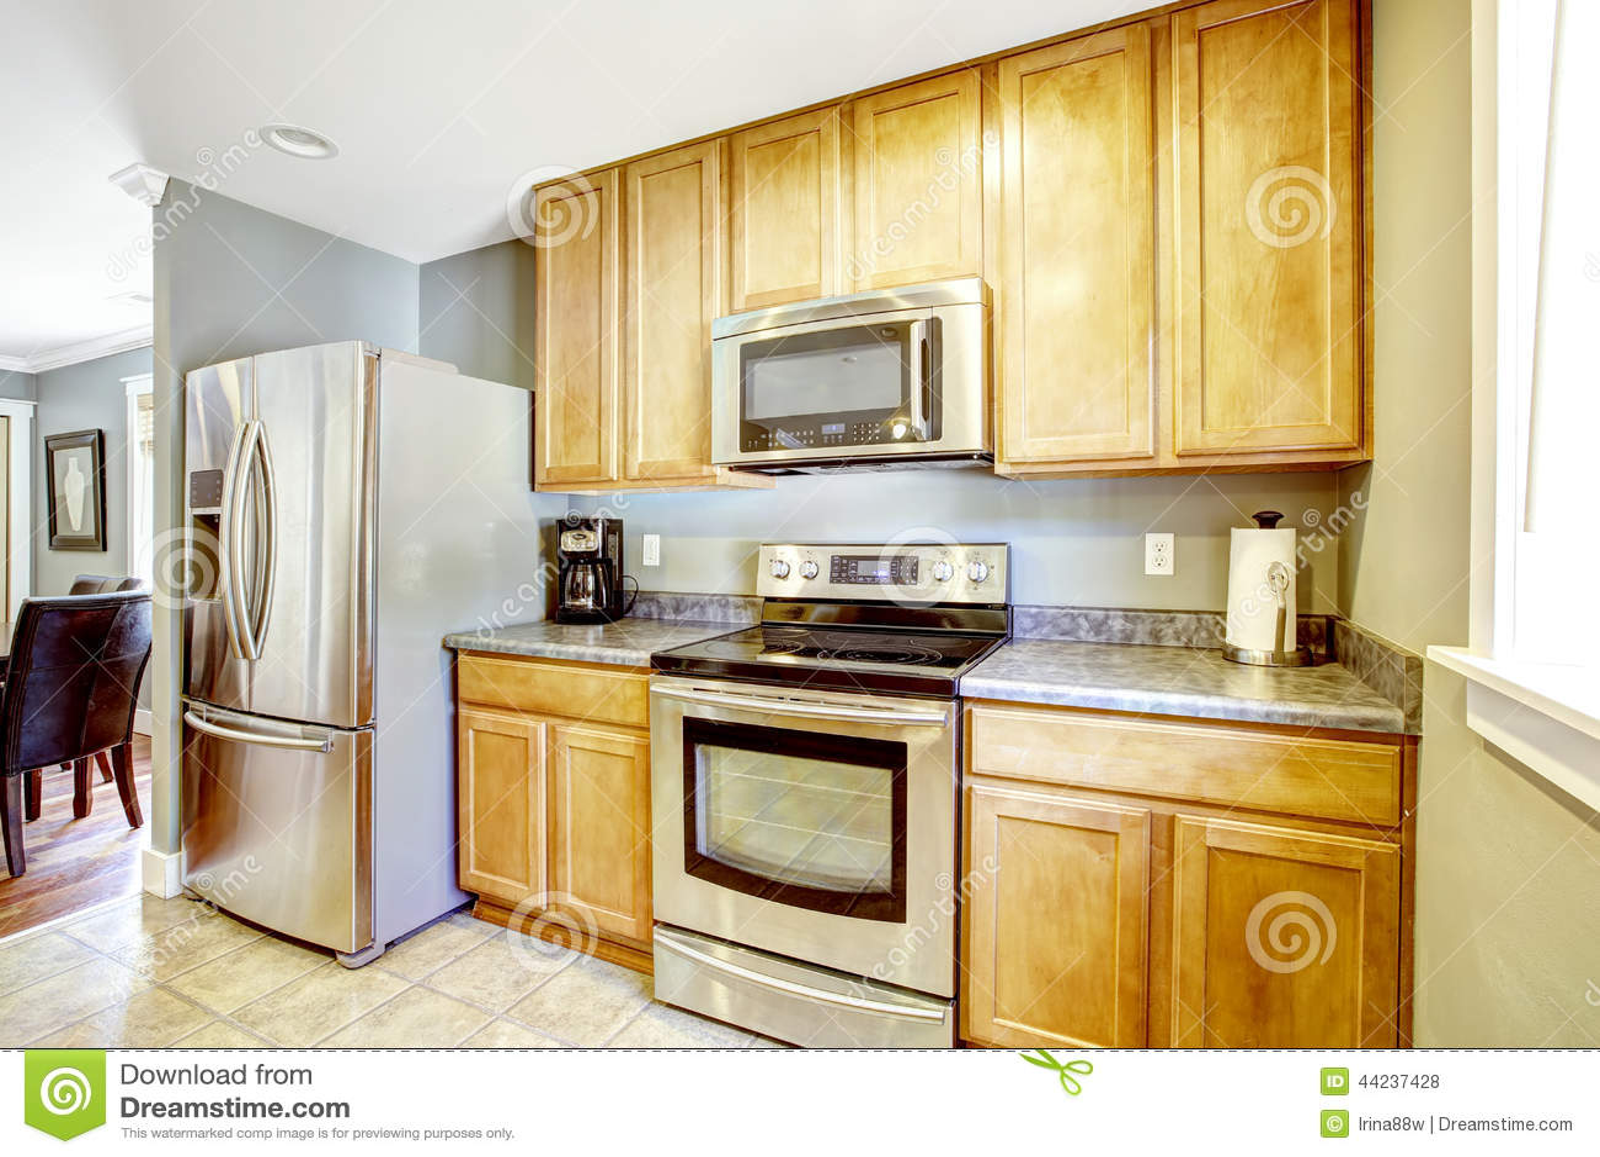 Küchenschränke Und Stahlgeräte Stockfoto - Bild von wohnung ...